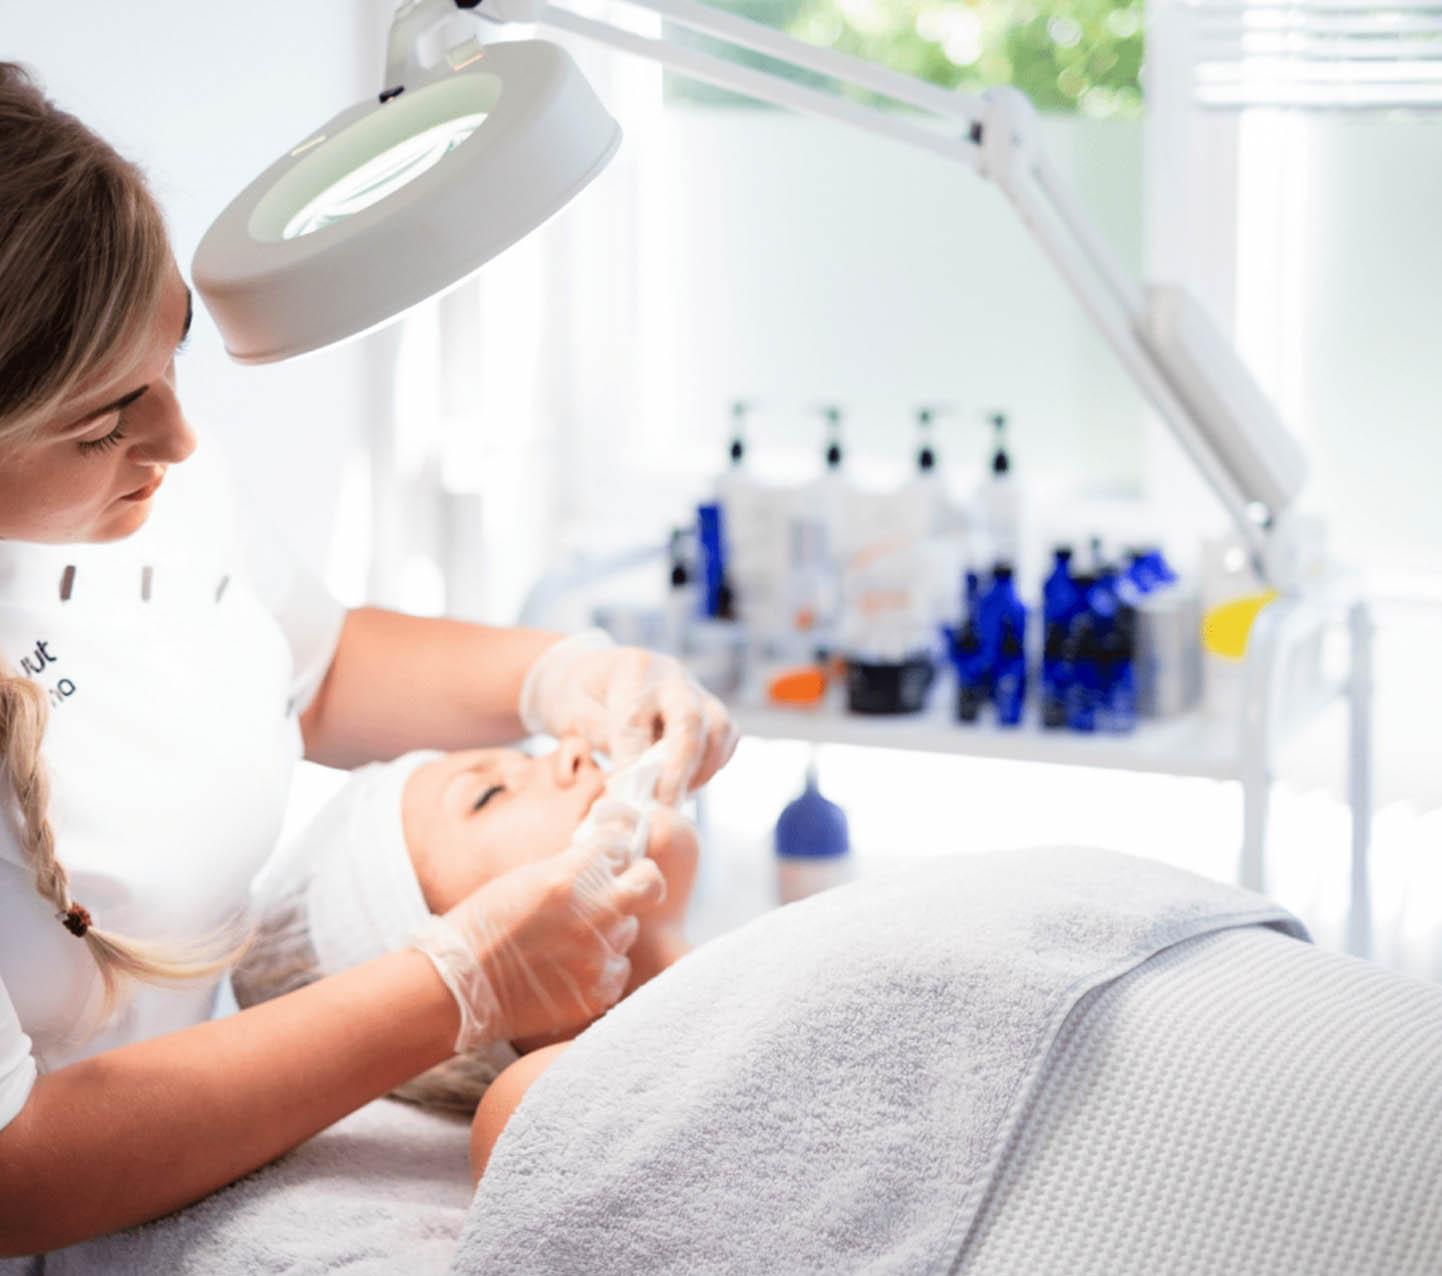 acne-behandeling-instituut-cosma-heerlen-kerkrade-parkstad-acné